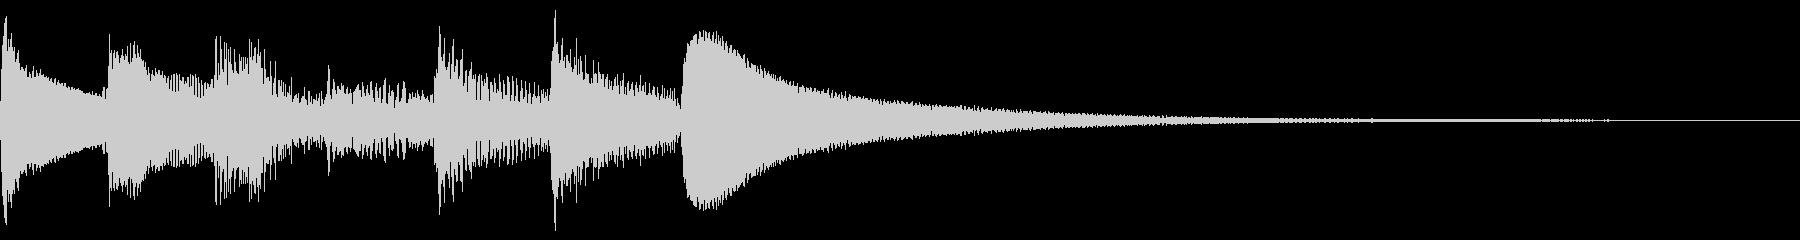 自然 アルペジオ ナイロンギターの未再生の波形